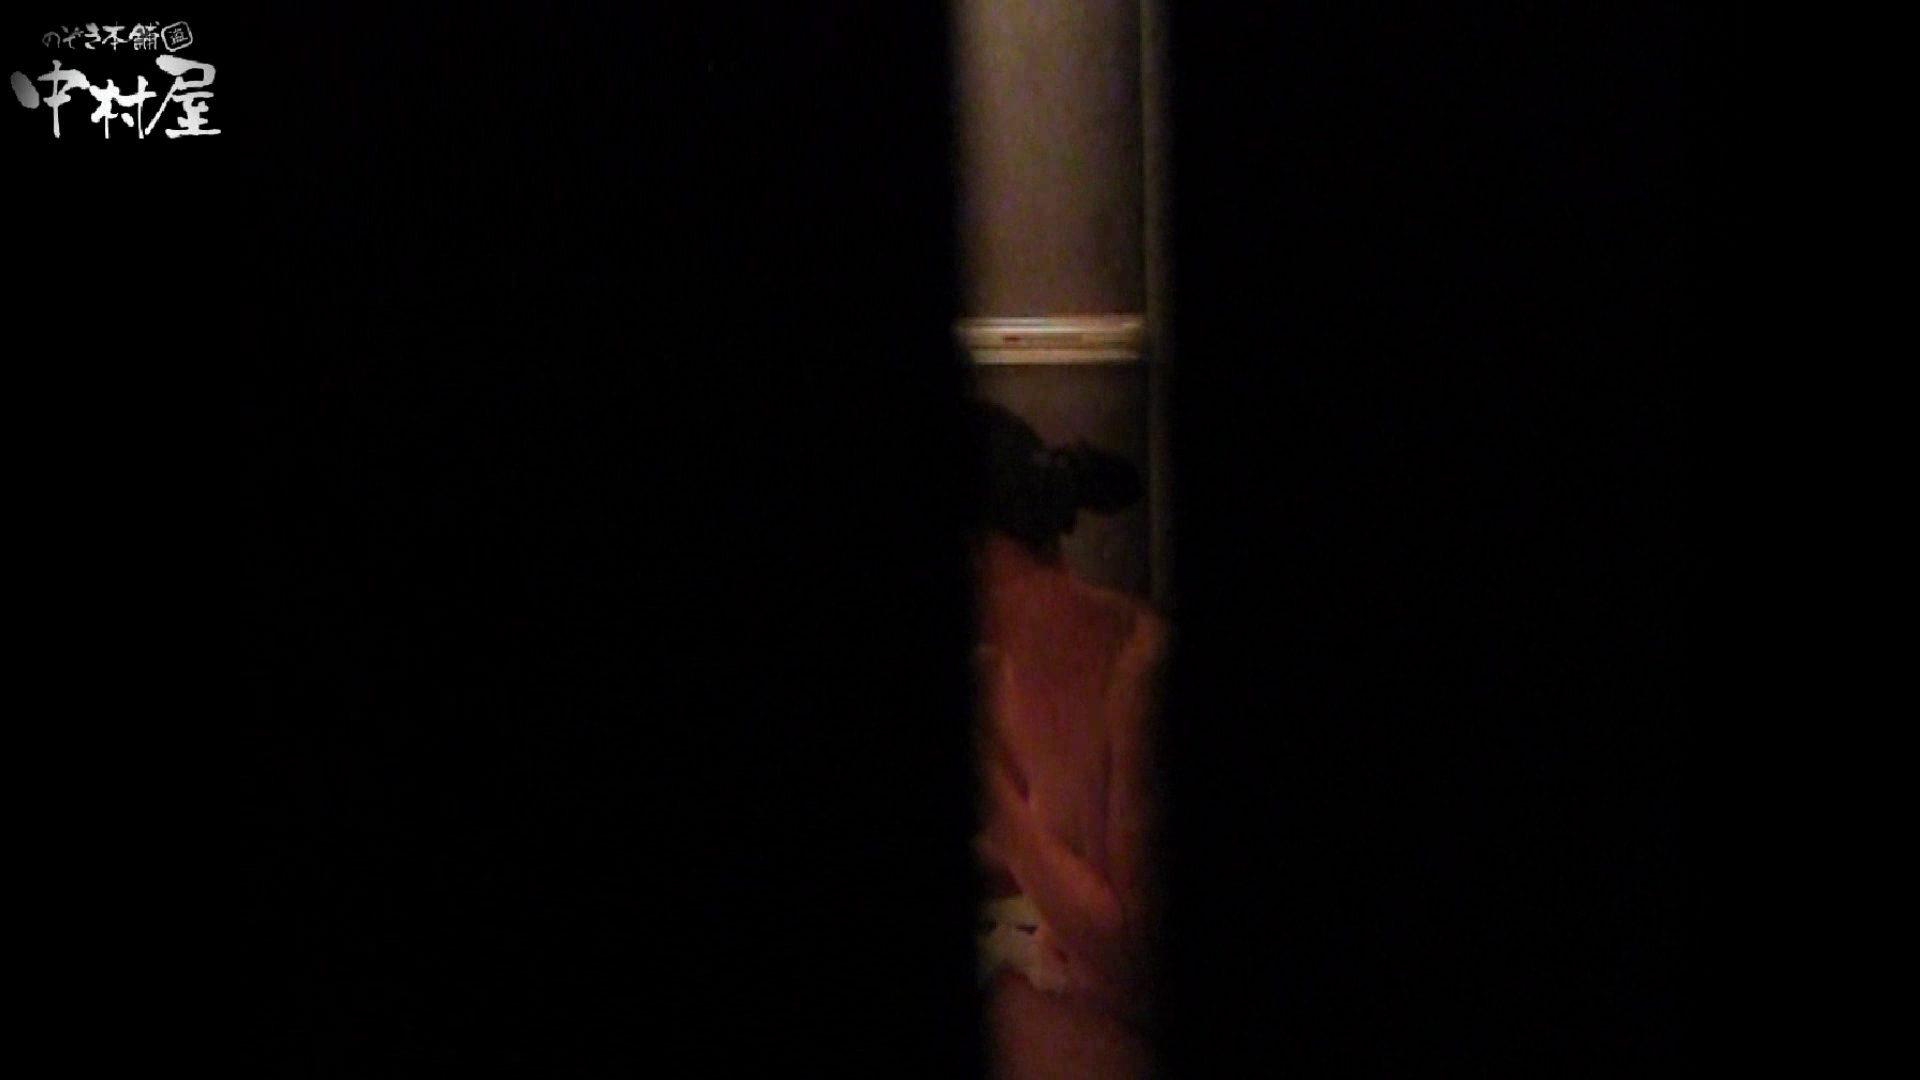 民家風呂専門盗撮師の超危険映像 vol.004 股間 おまんこ無修正動画無料 89PIX 19